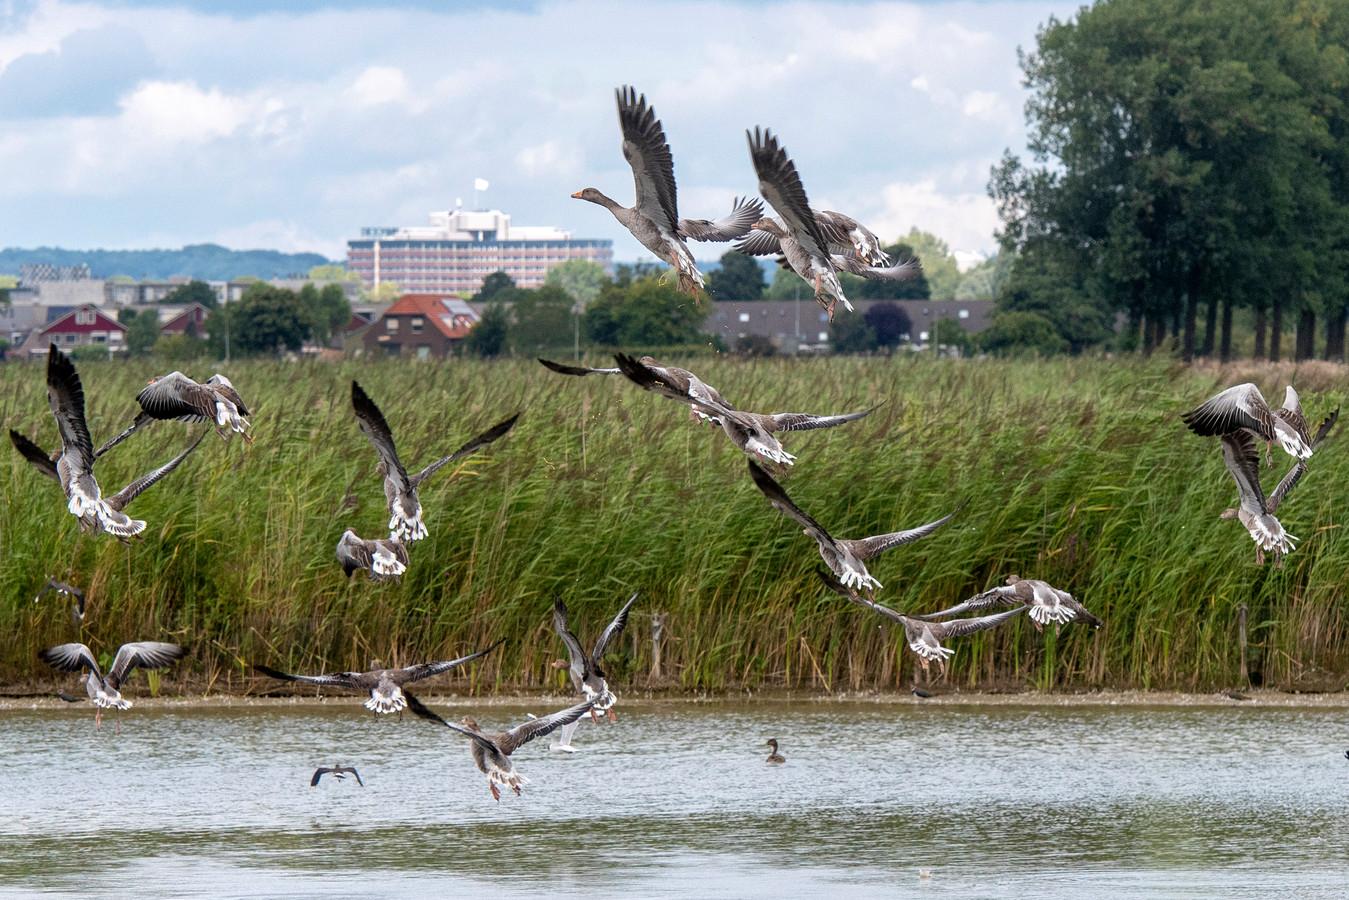 'Het idee de natuur tussen Arnhem en Nijmegen vol te bouwen verdient eigenlijk geen aandacht. Het idee valt gewoonweg niet serieus te nemen.' Foto ter illustratie.